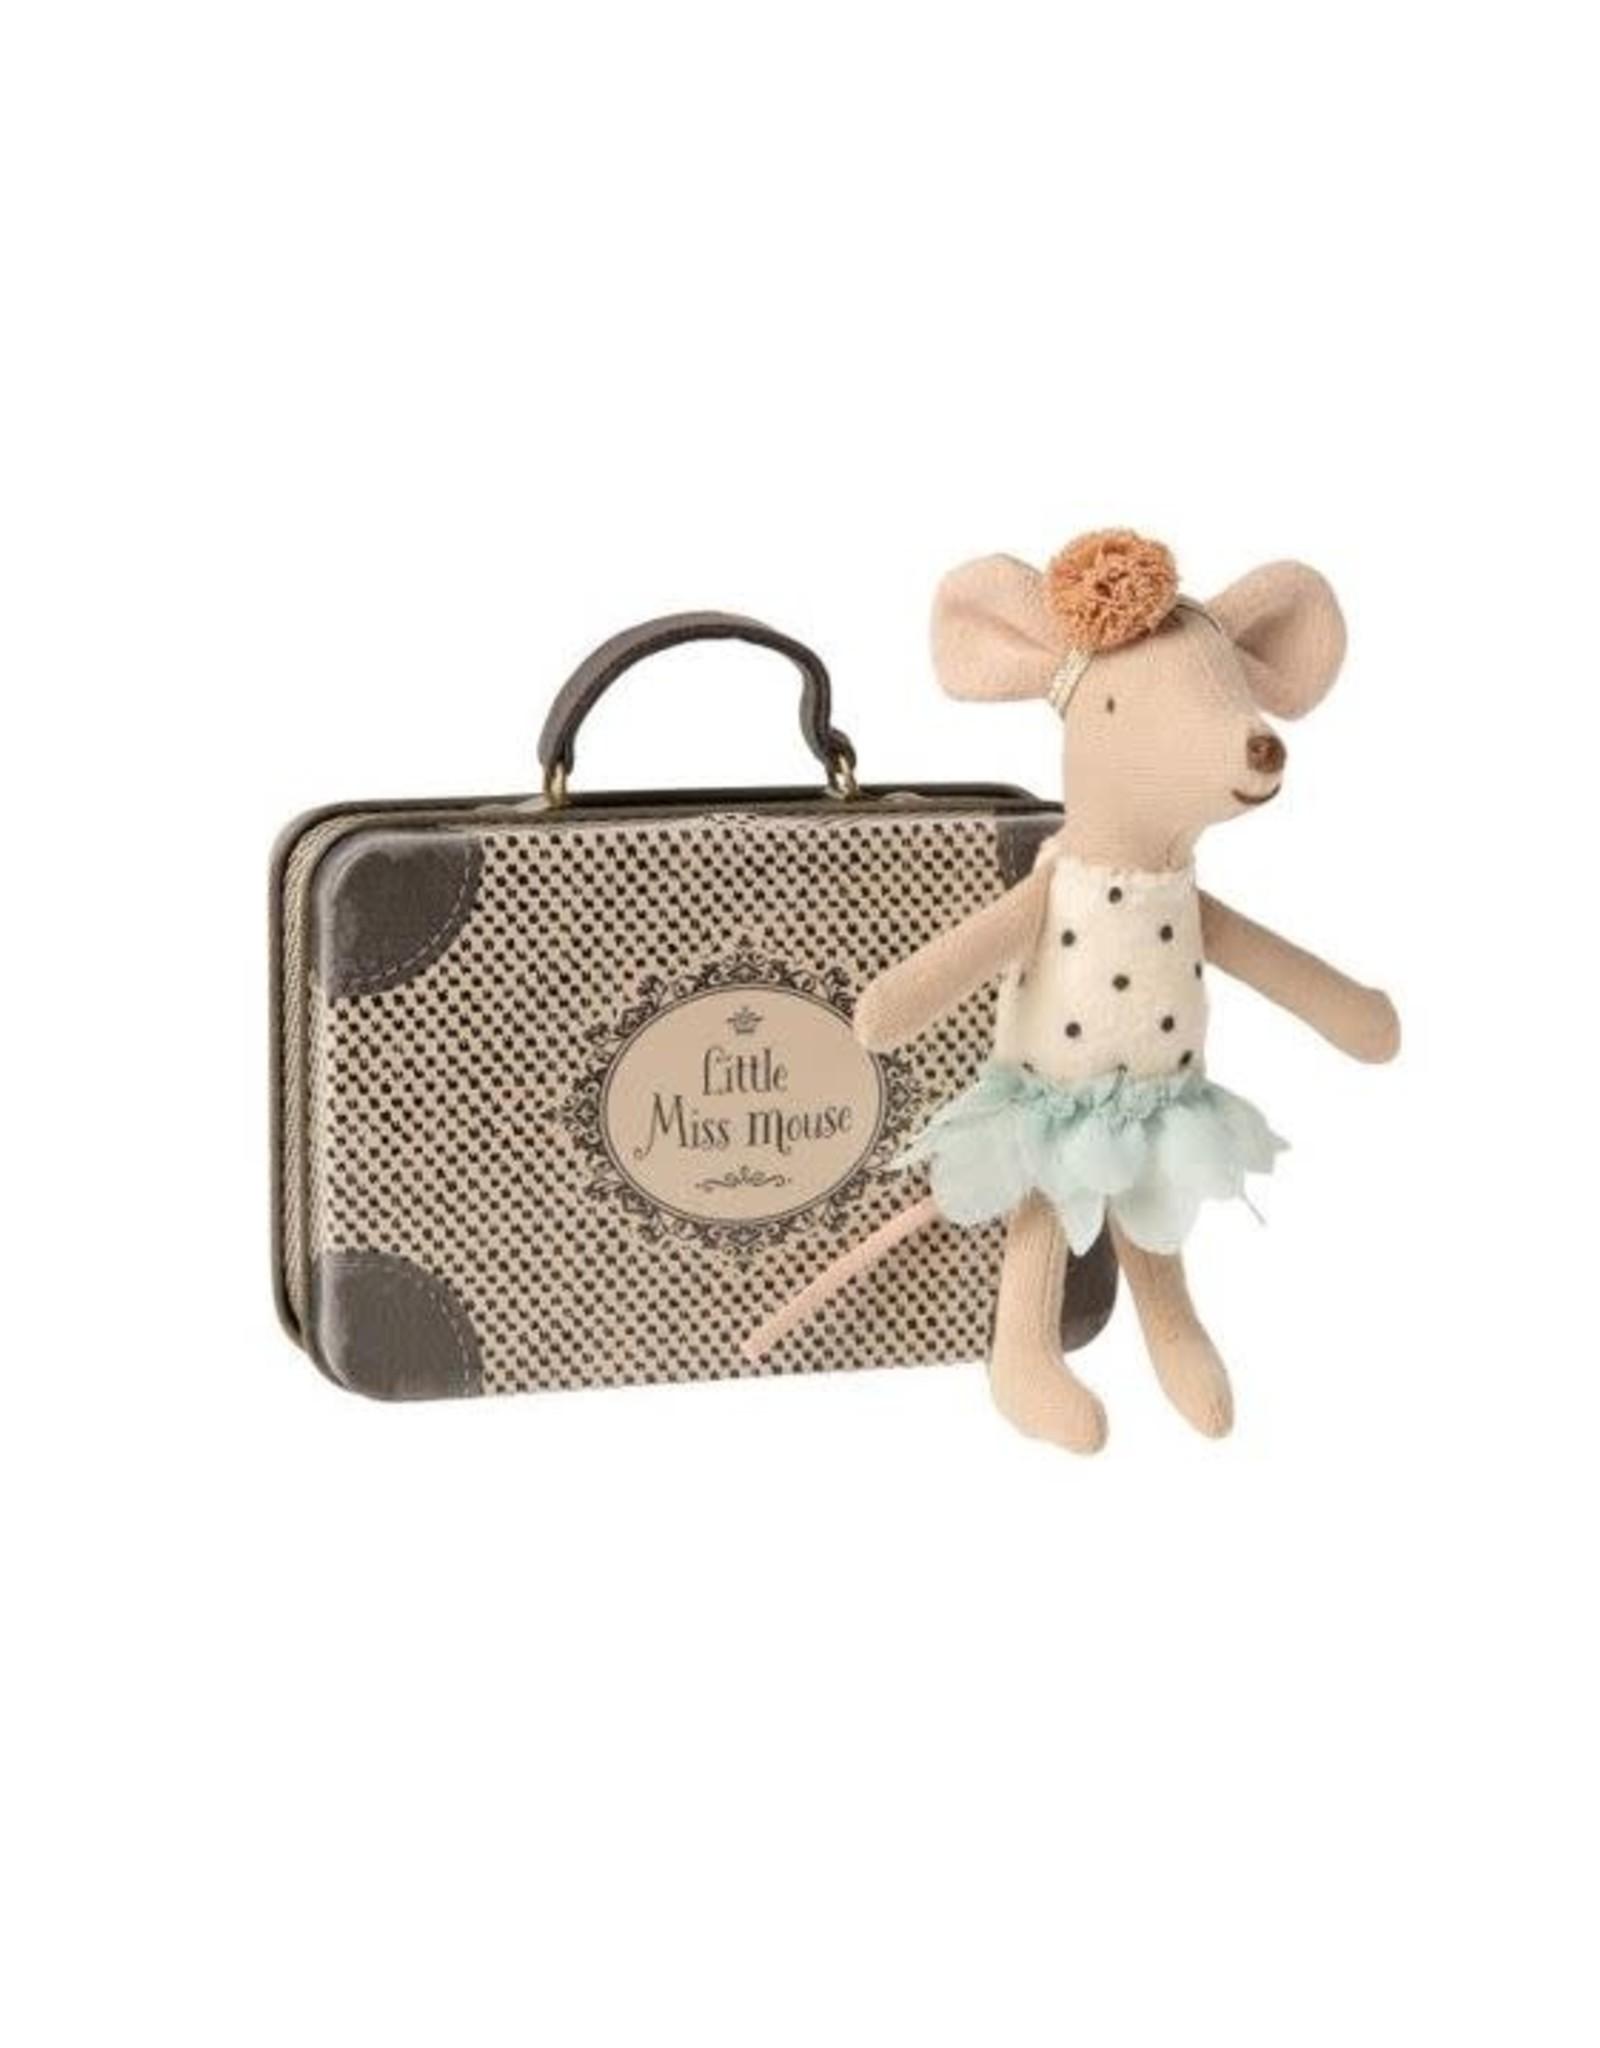 Petite Miss Souris dans sa Valise